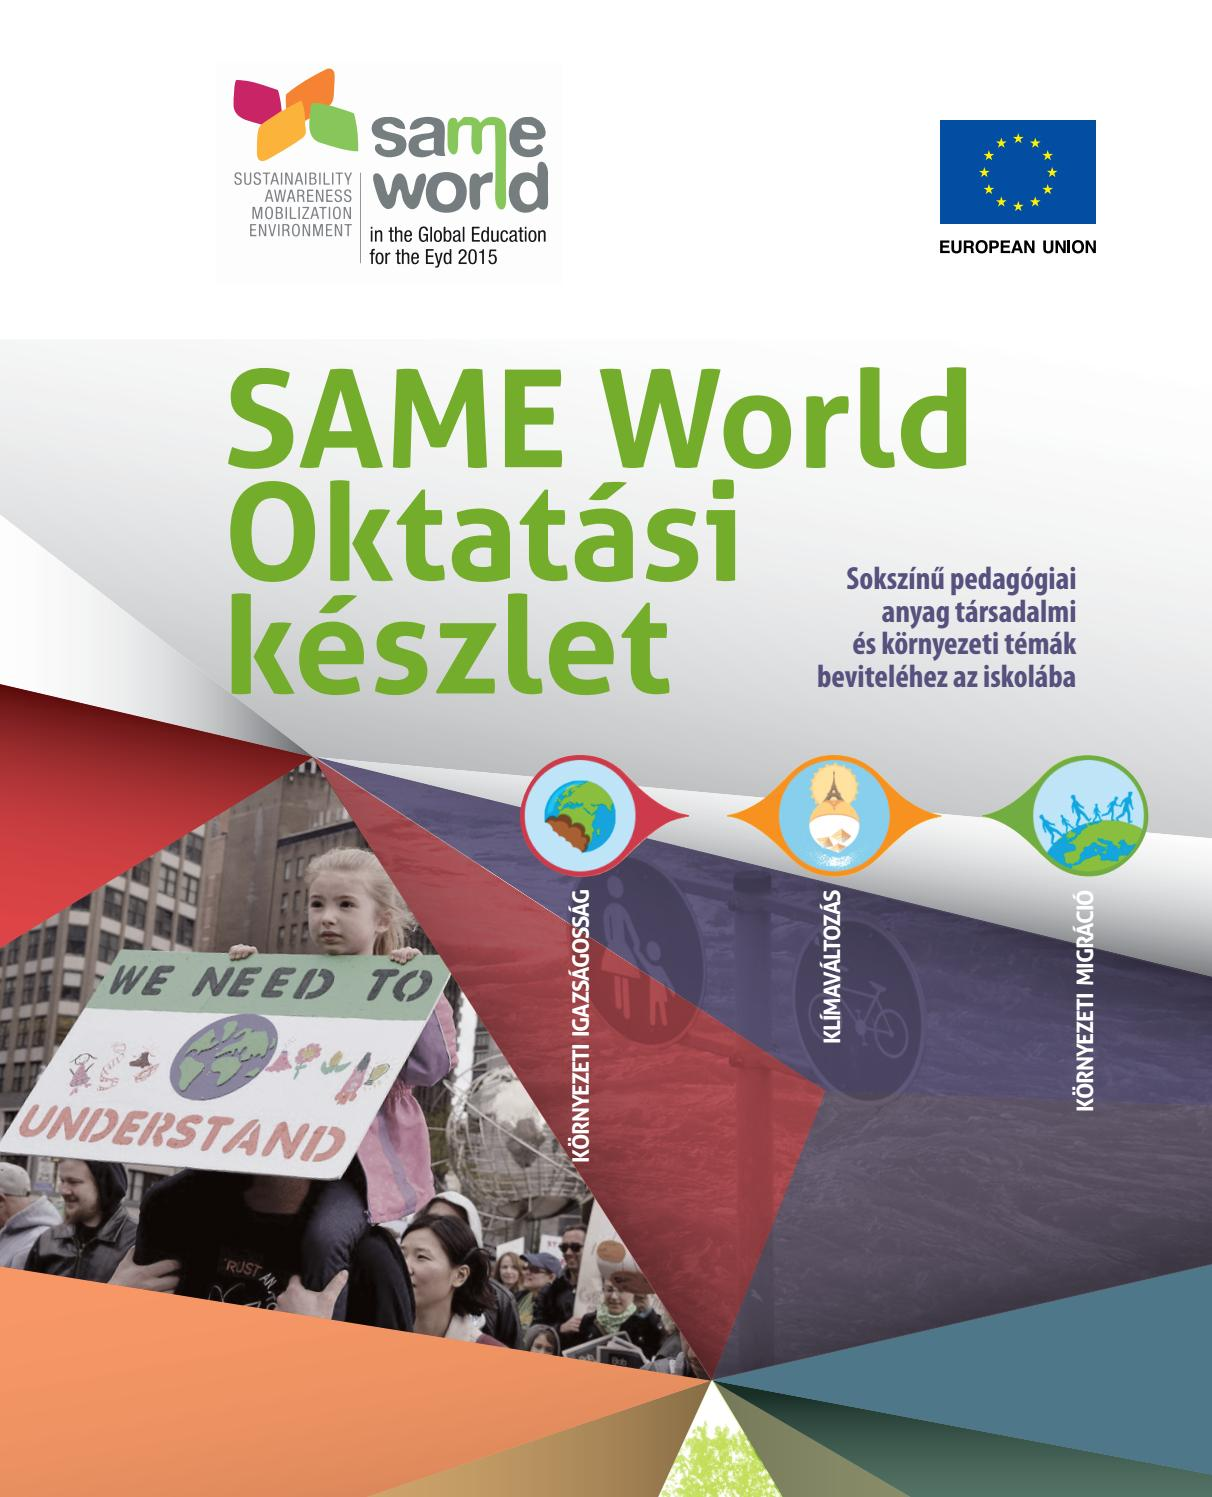 környezetvédelmi biztonság a Kazah Köztársaságban jogi szempontból